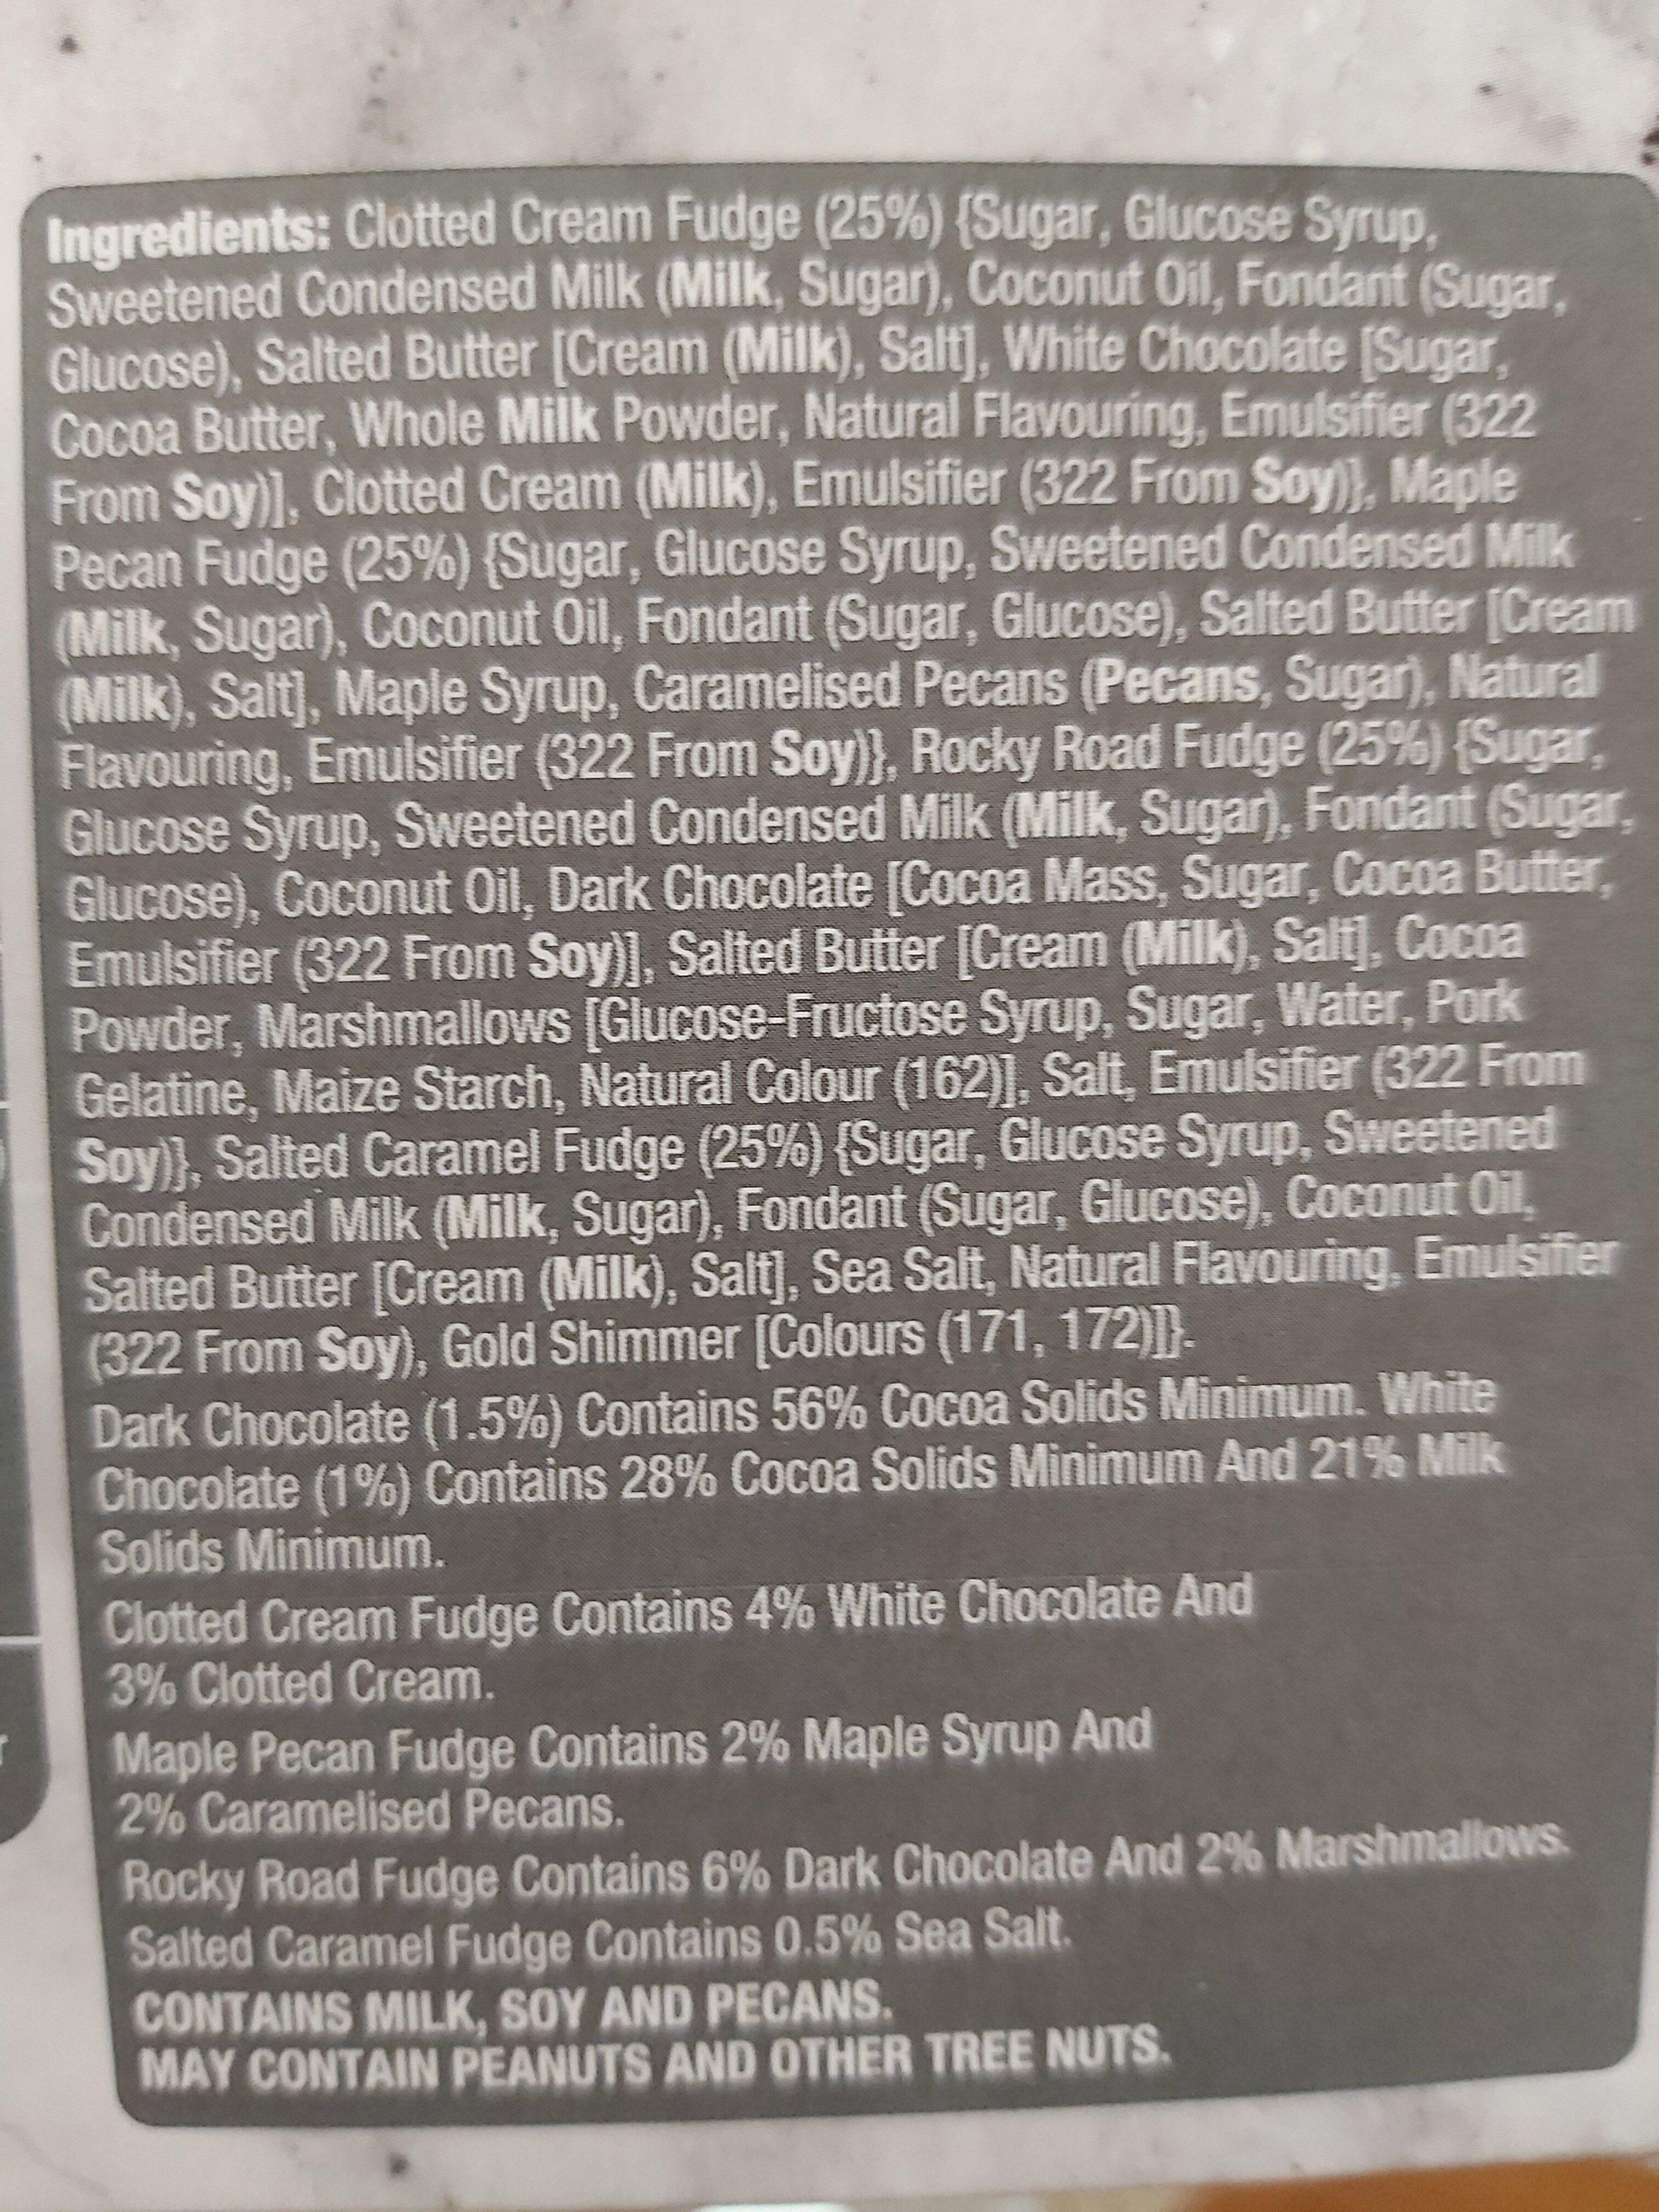 slice and share luxury fudge - Ingredients - en